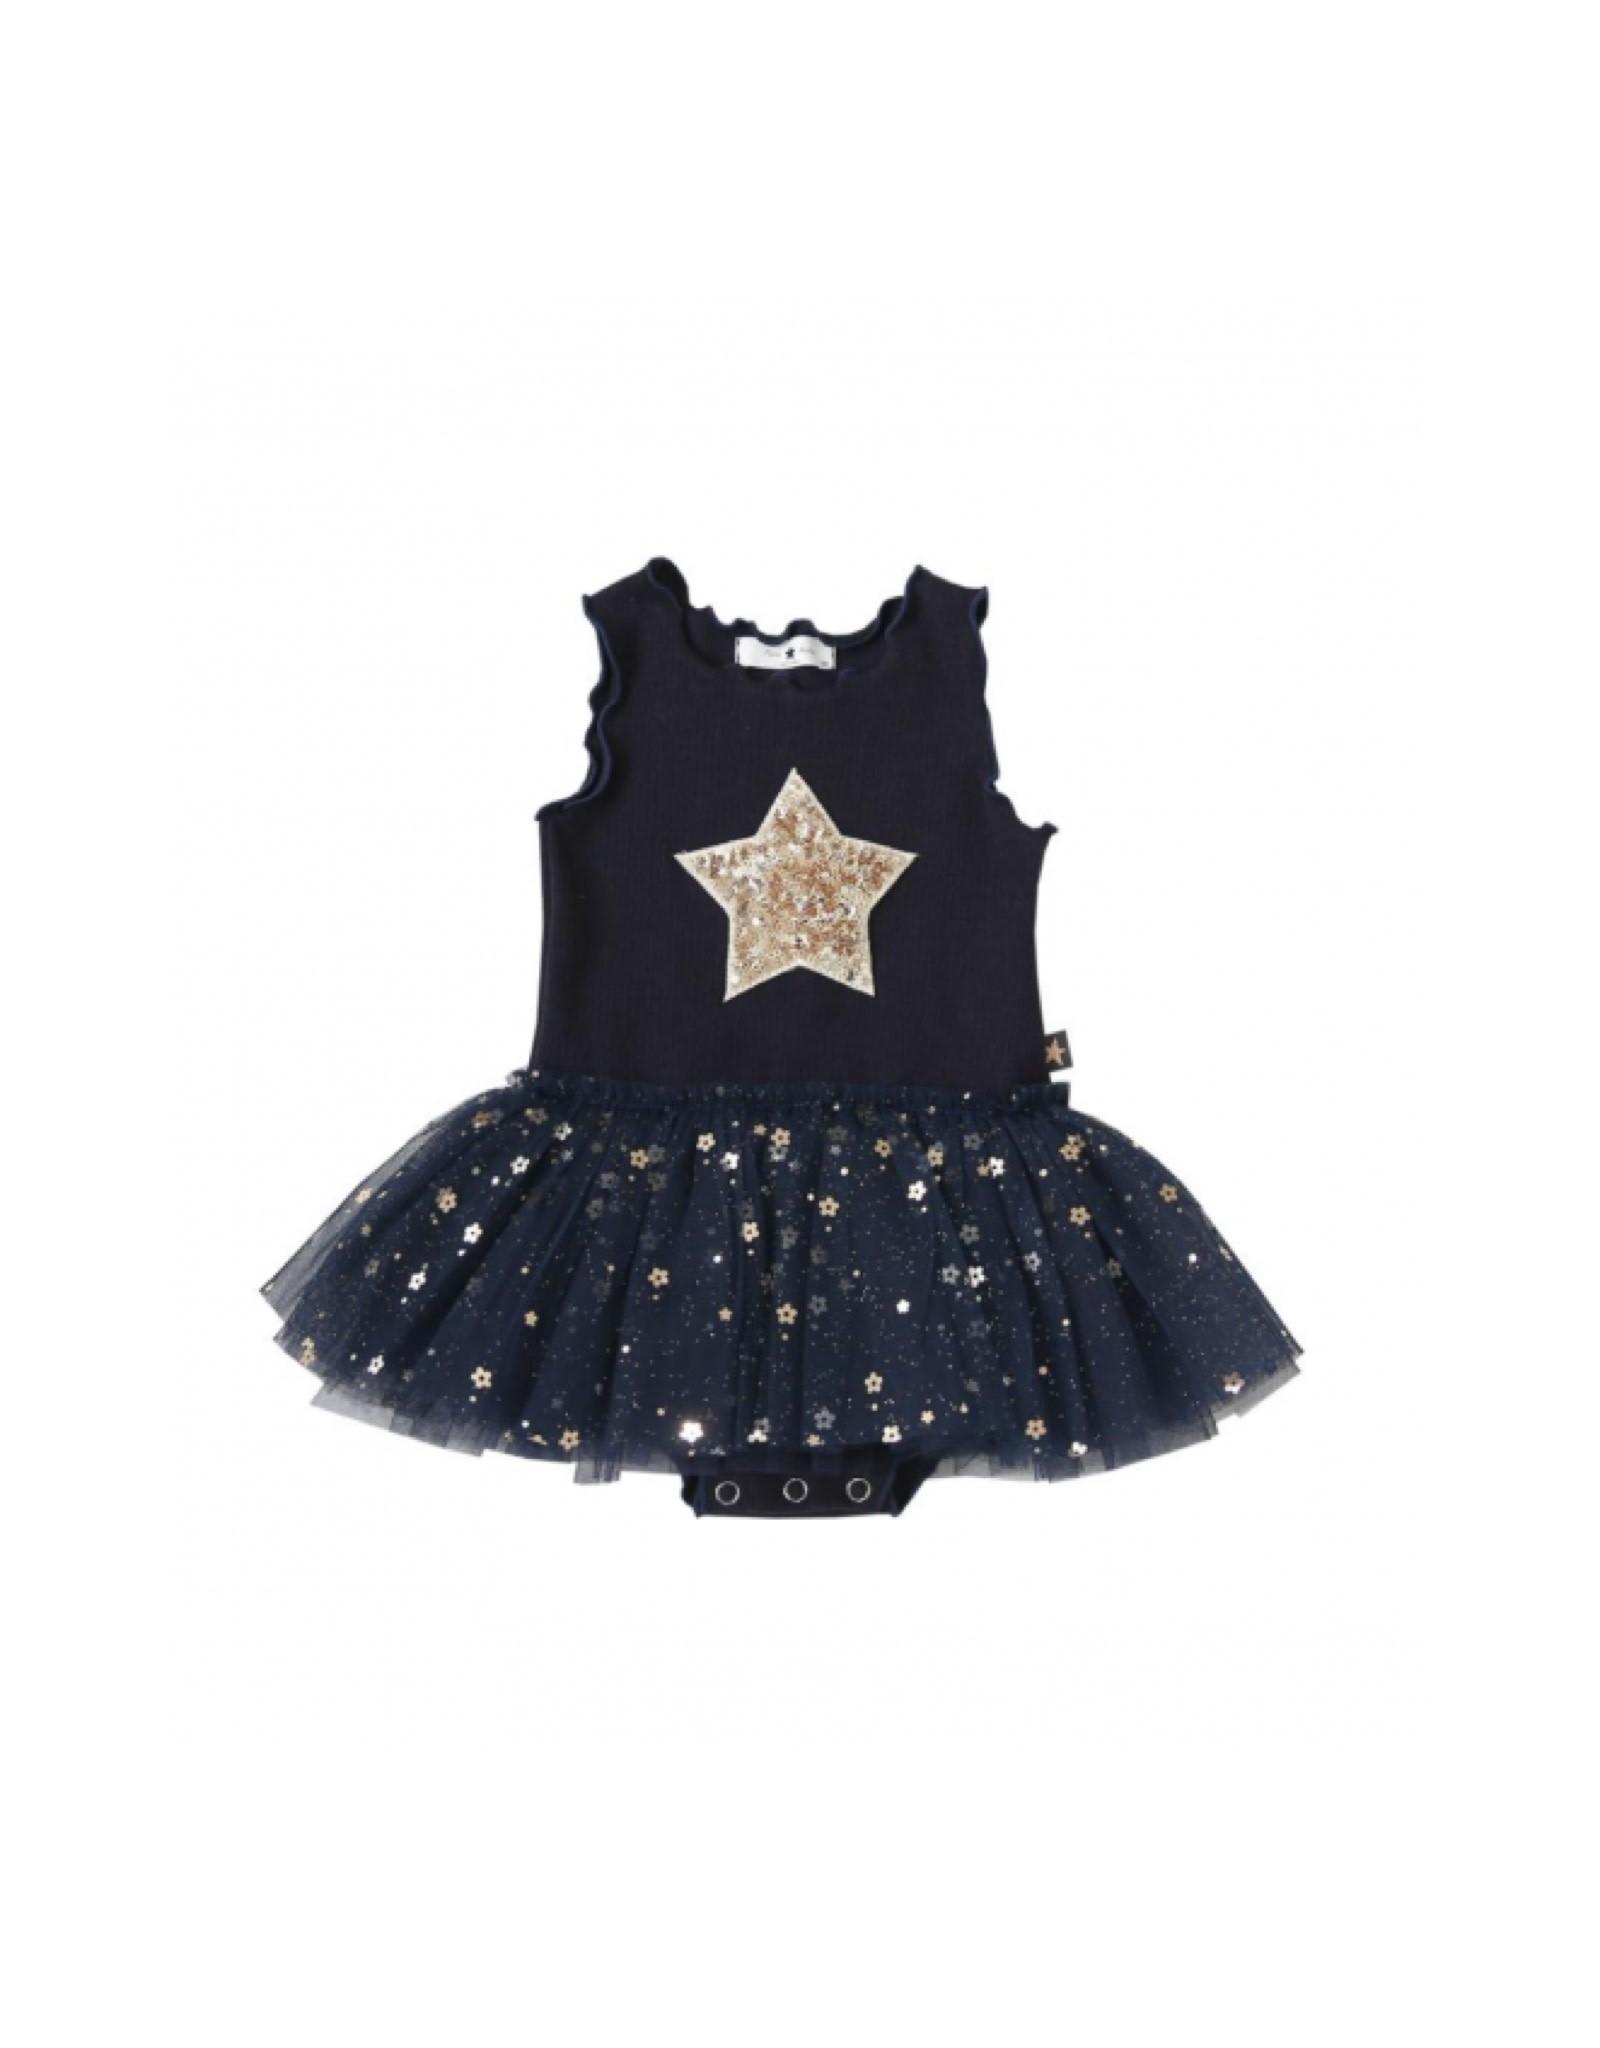 Petite Hailey Baby Daisy Star Tutu Navy